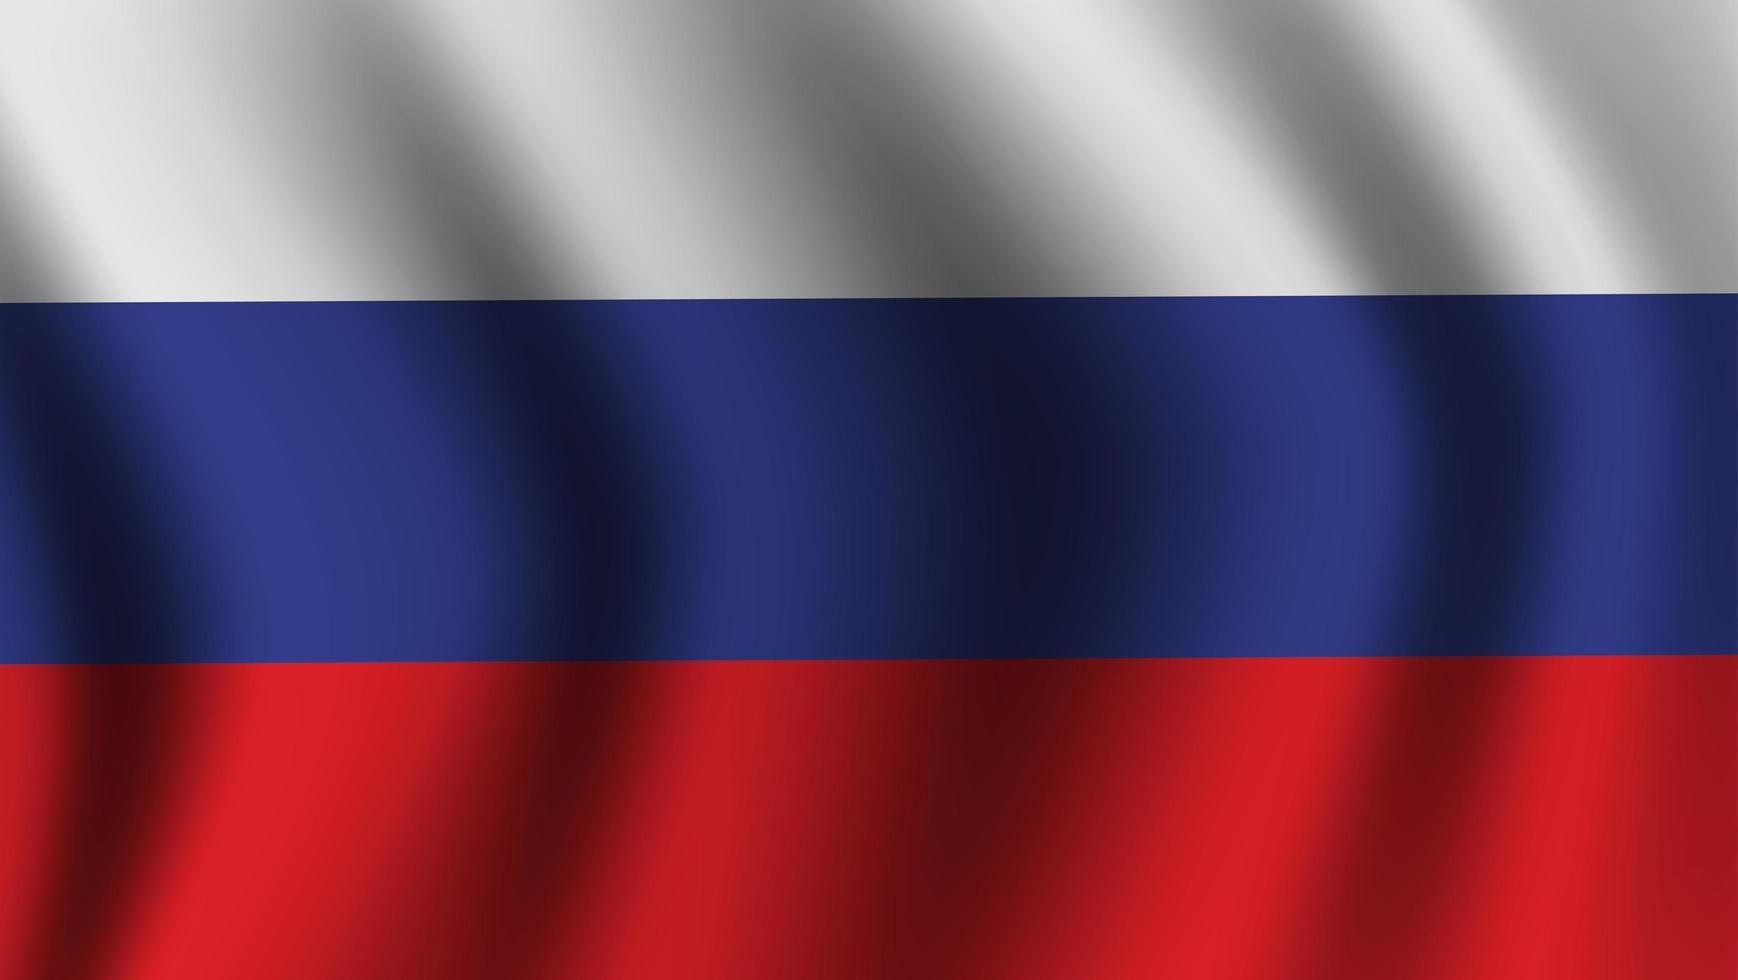 bandera rusa ondeando realista vector